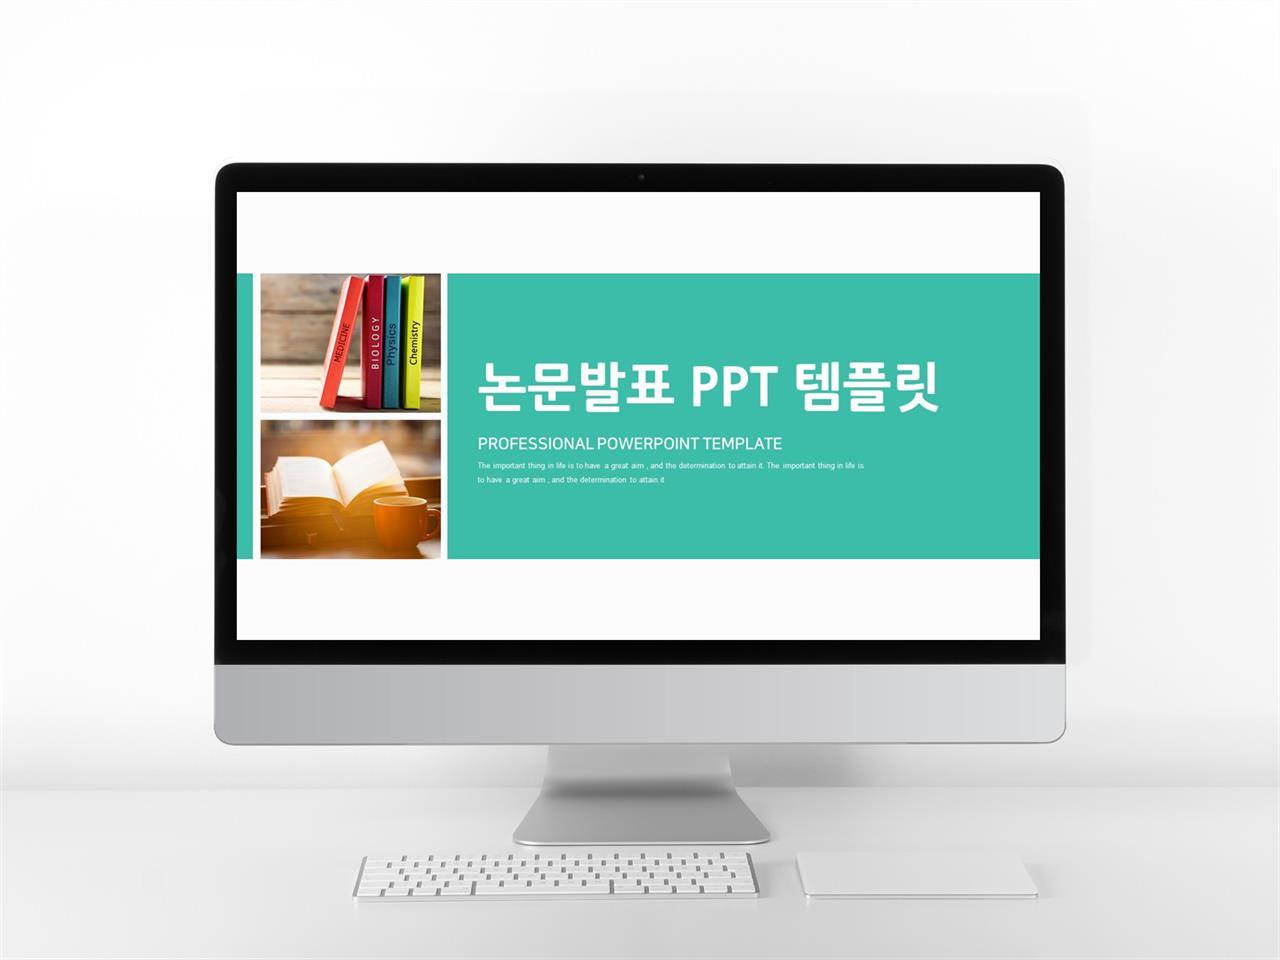 논문주제 풀색 심플한 고급형 POWERPOINT템플릿 디자인 미리보기